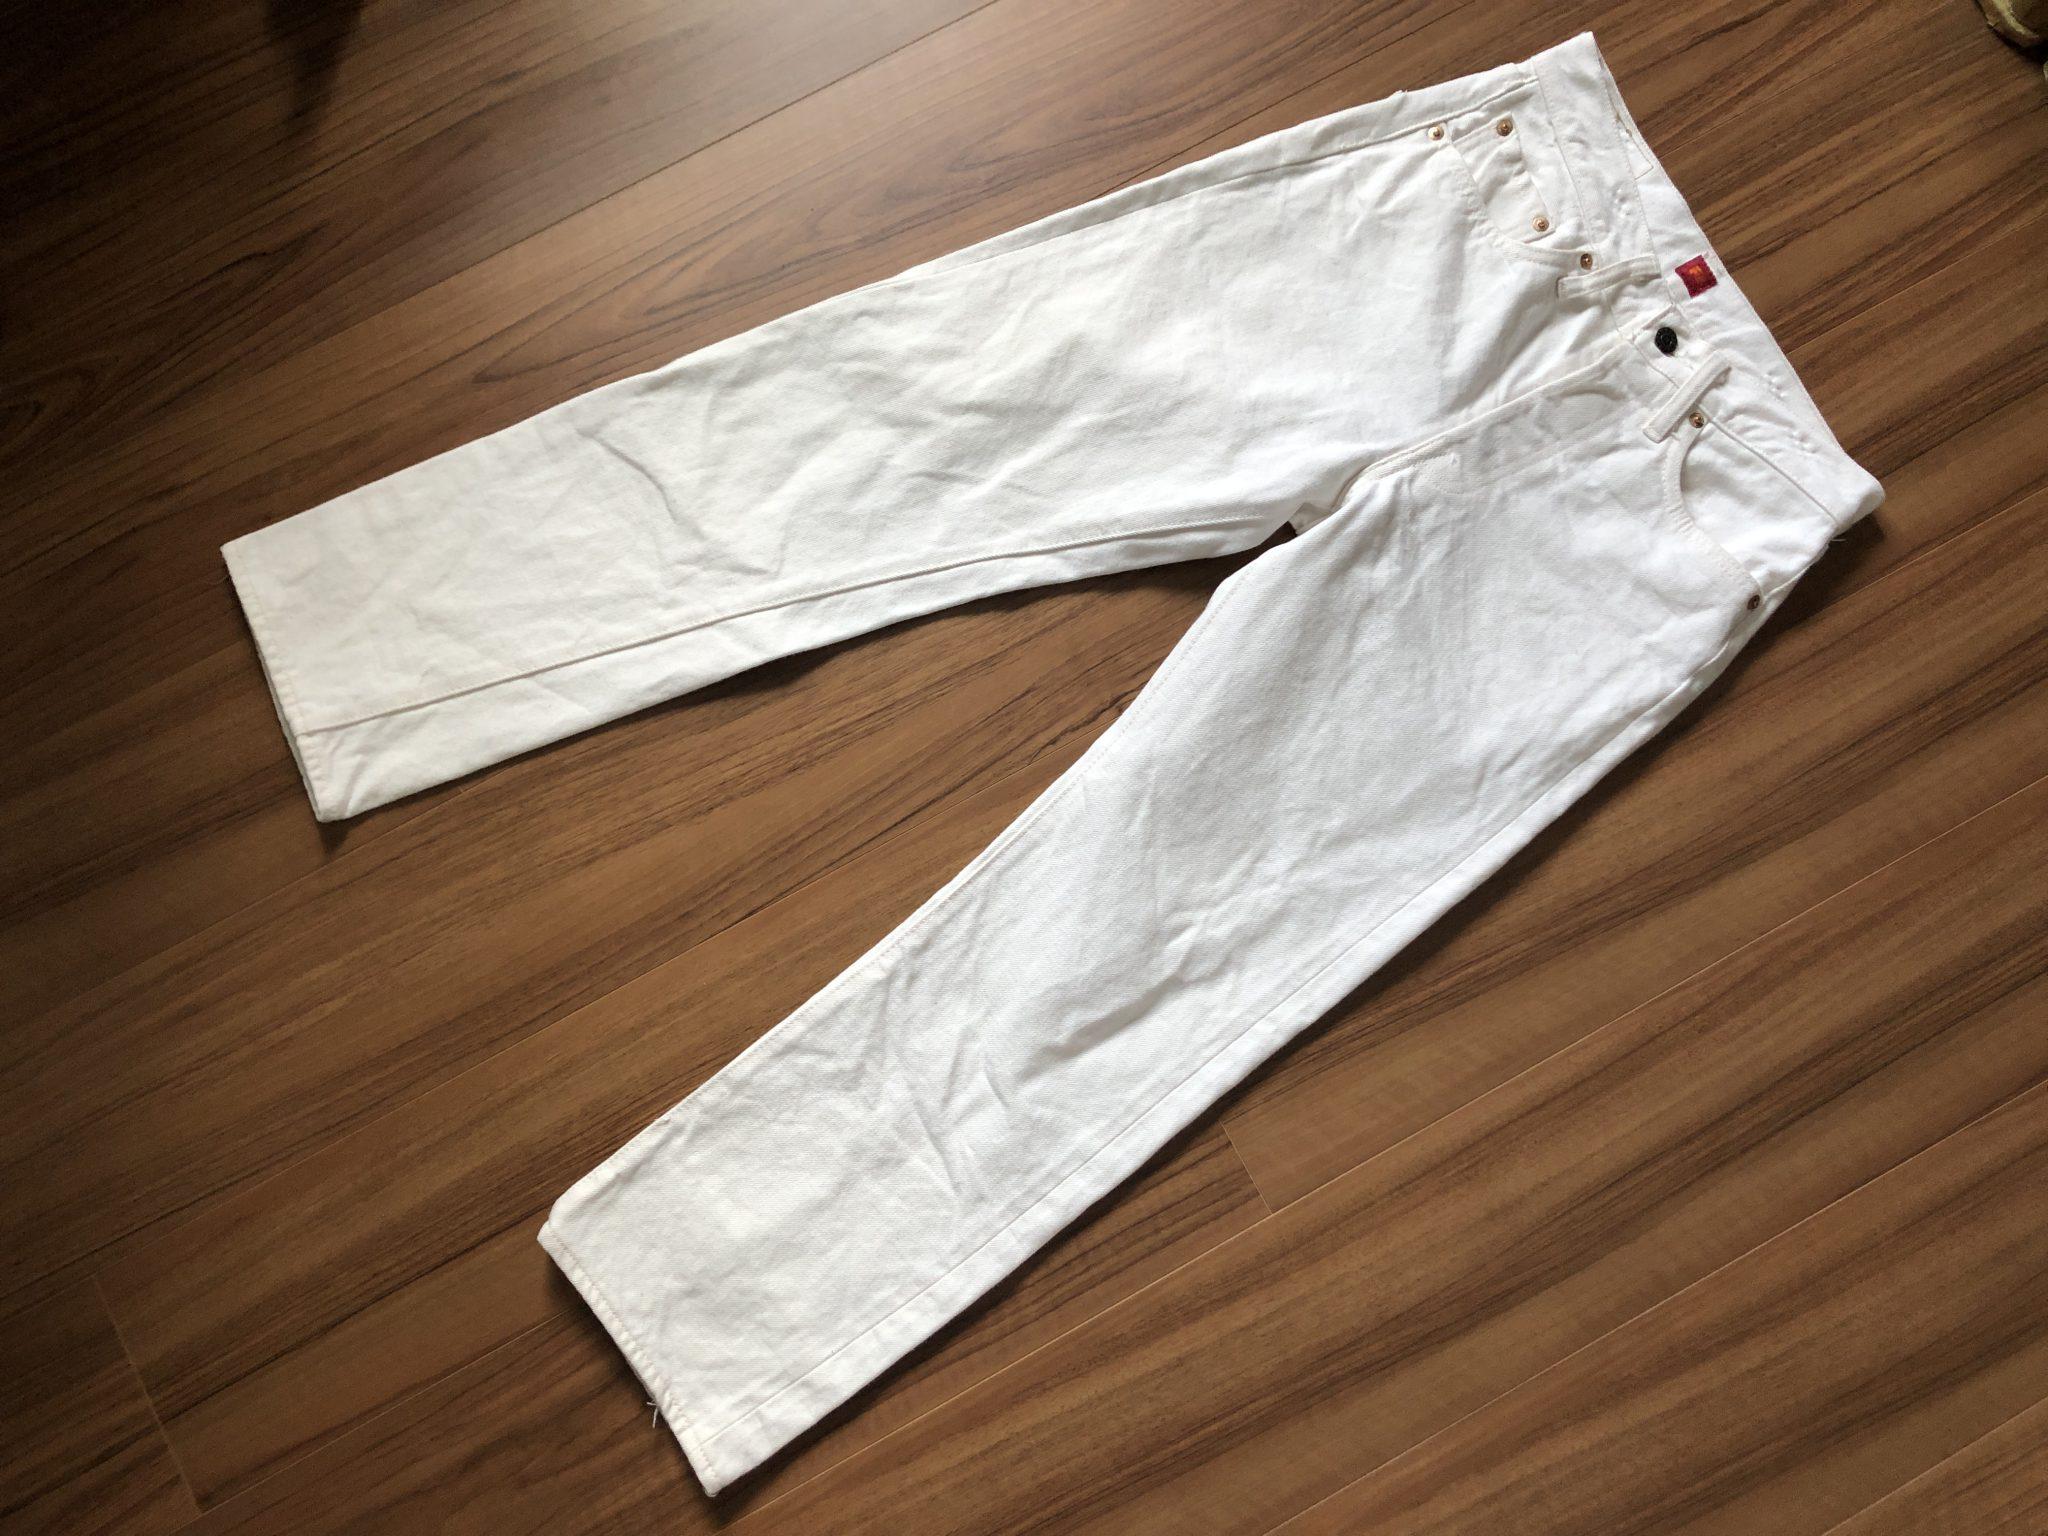 リゾルト Resolute AA710 ホワイト 洗濯 3回目 経年変化 エイジング 全体観